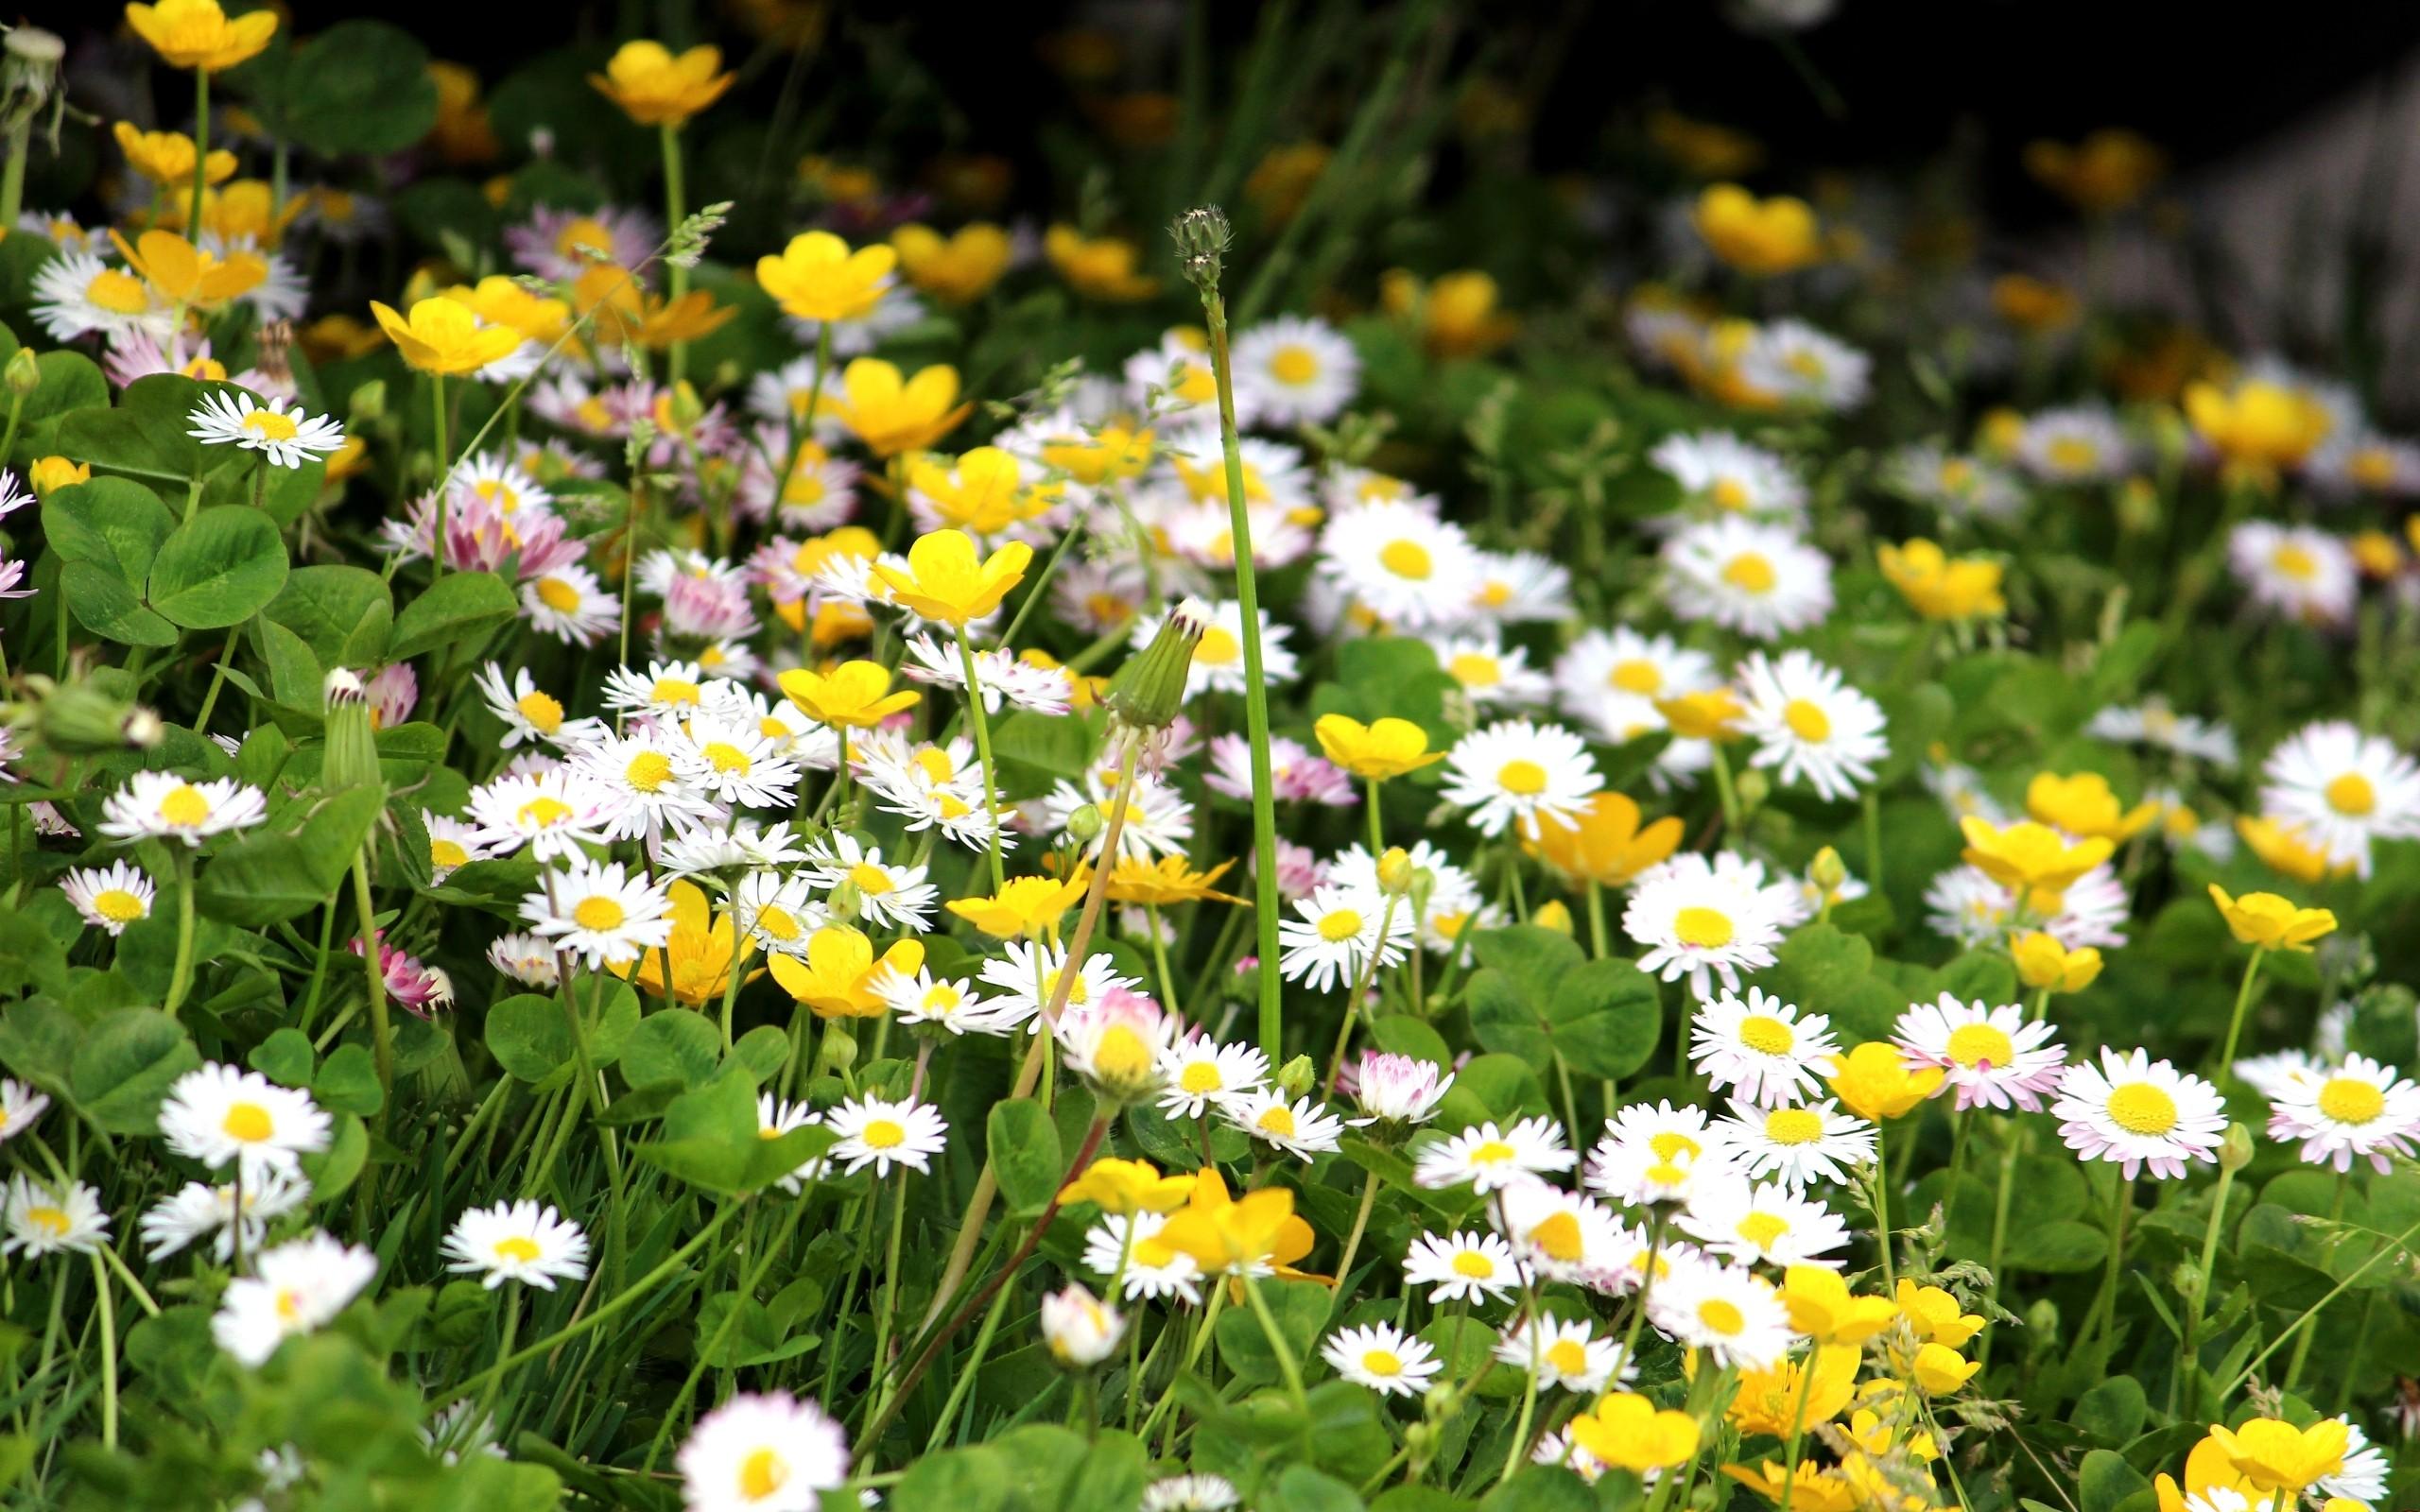 фото цветов в траве была обычная тренировка